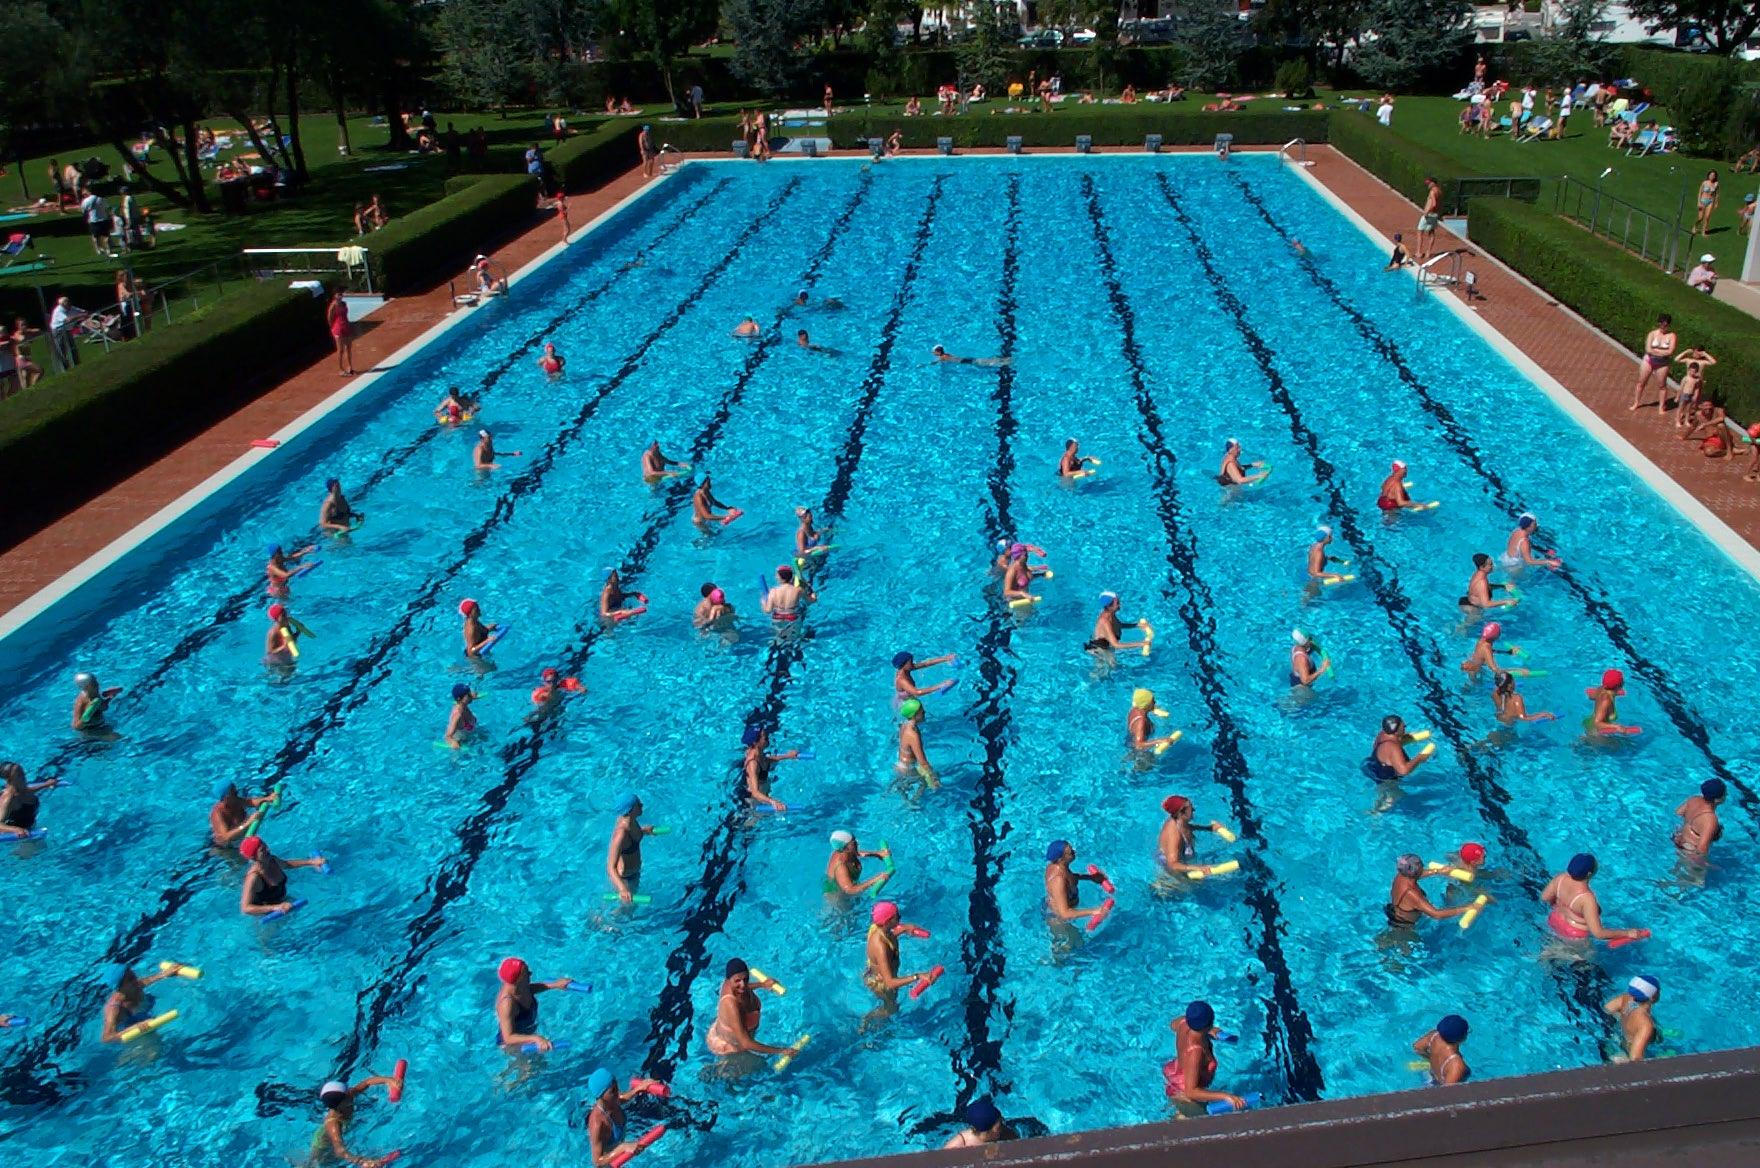 Quali sono i rischi che si corrono in piscina?